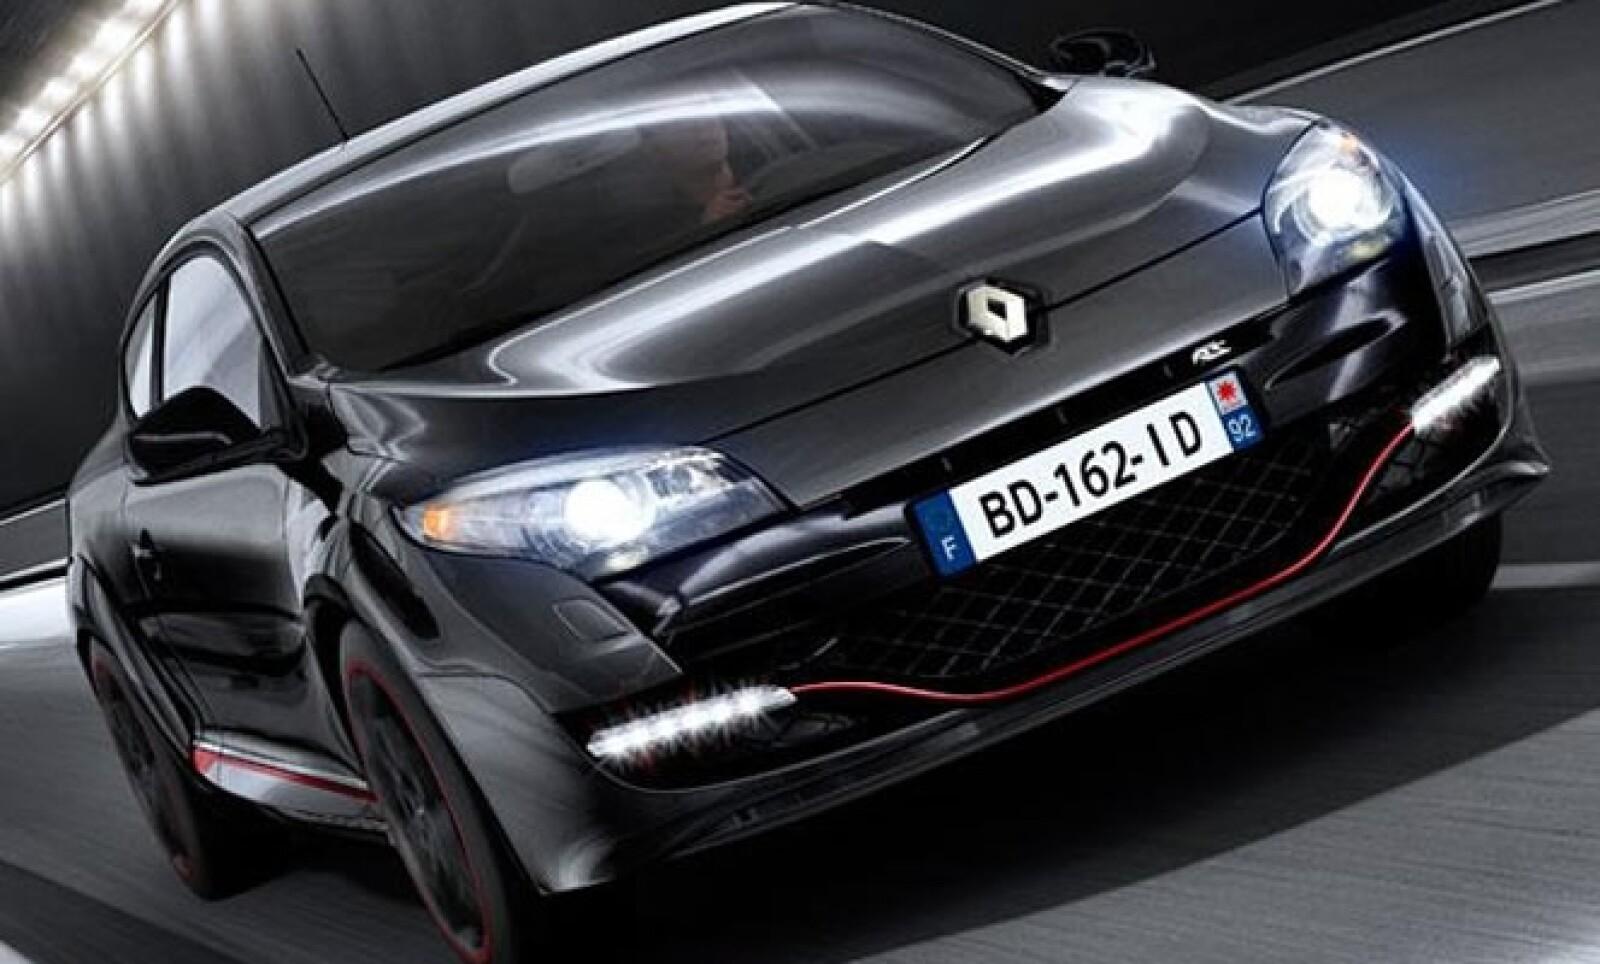 Esta nueva edición incluye cambios estéticos, nuevas tecnologías y motores más eficientes.